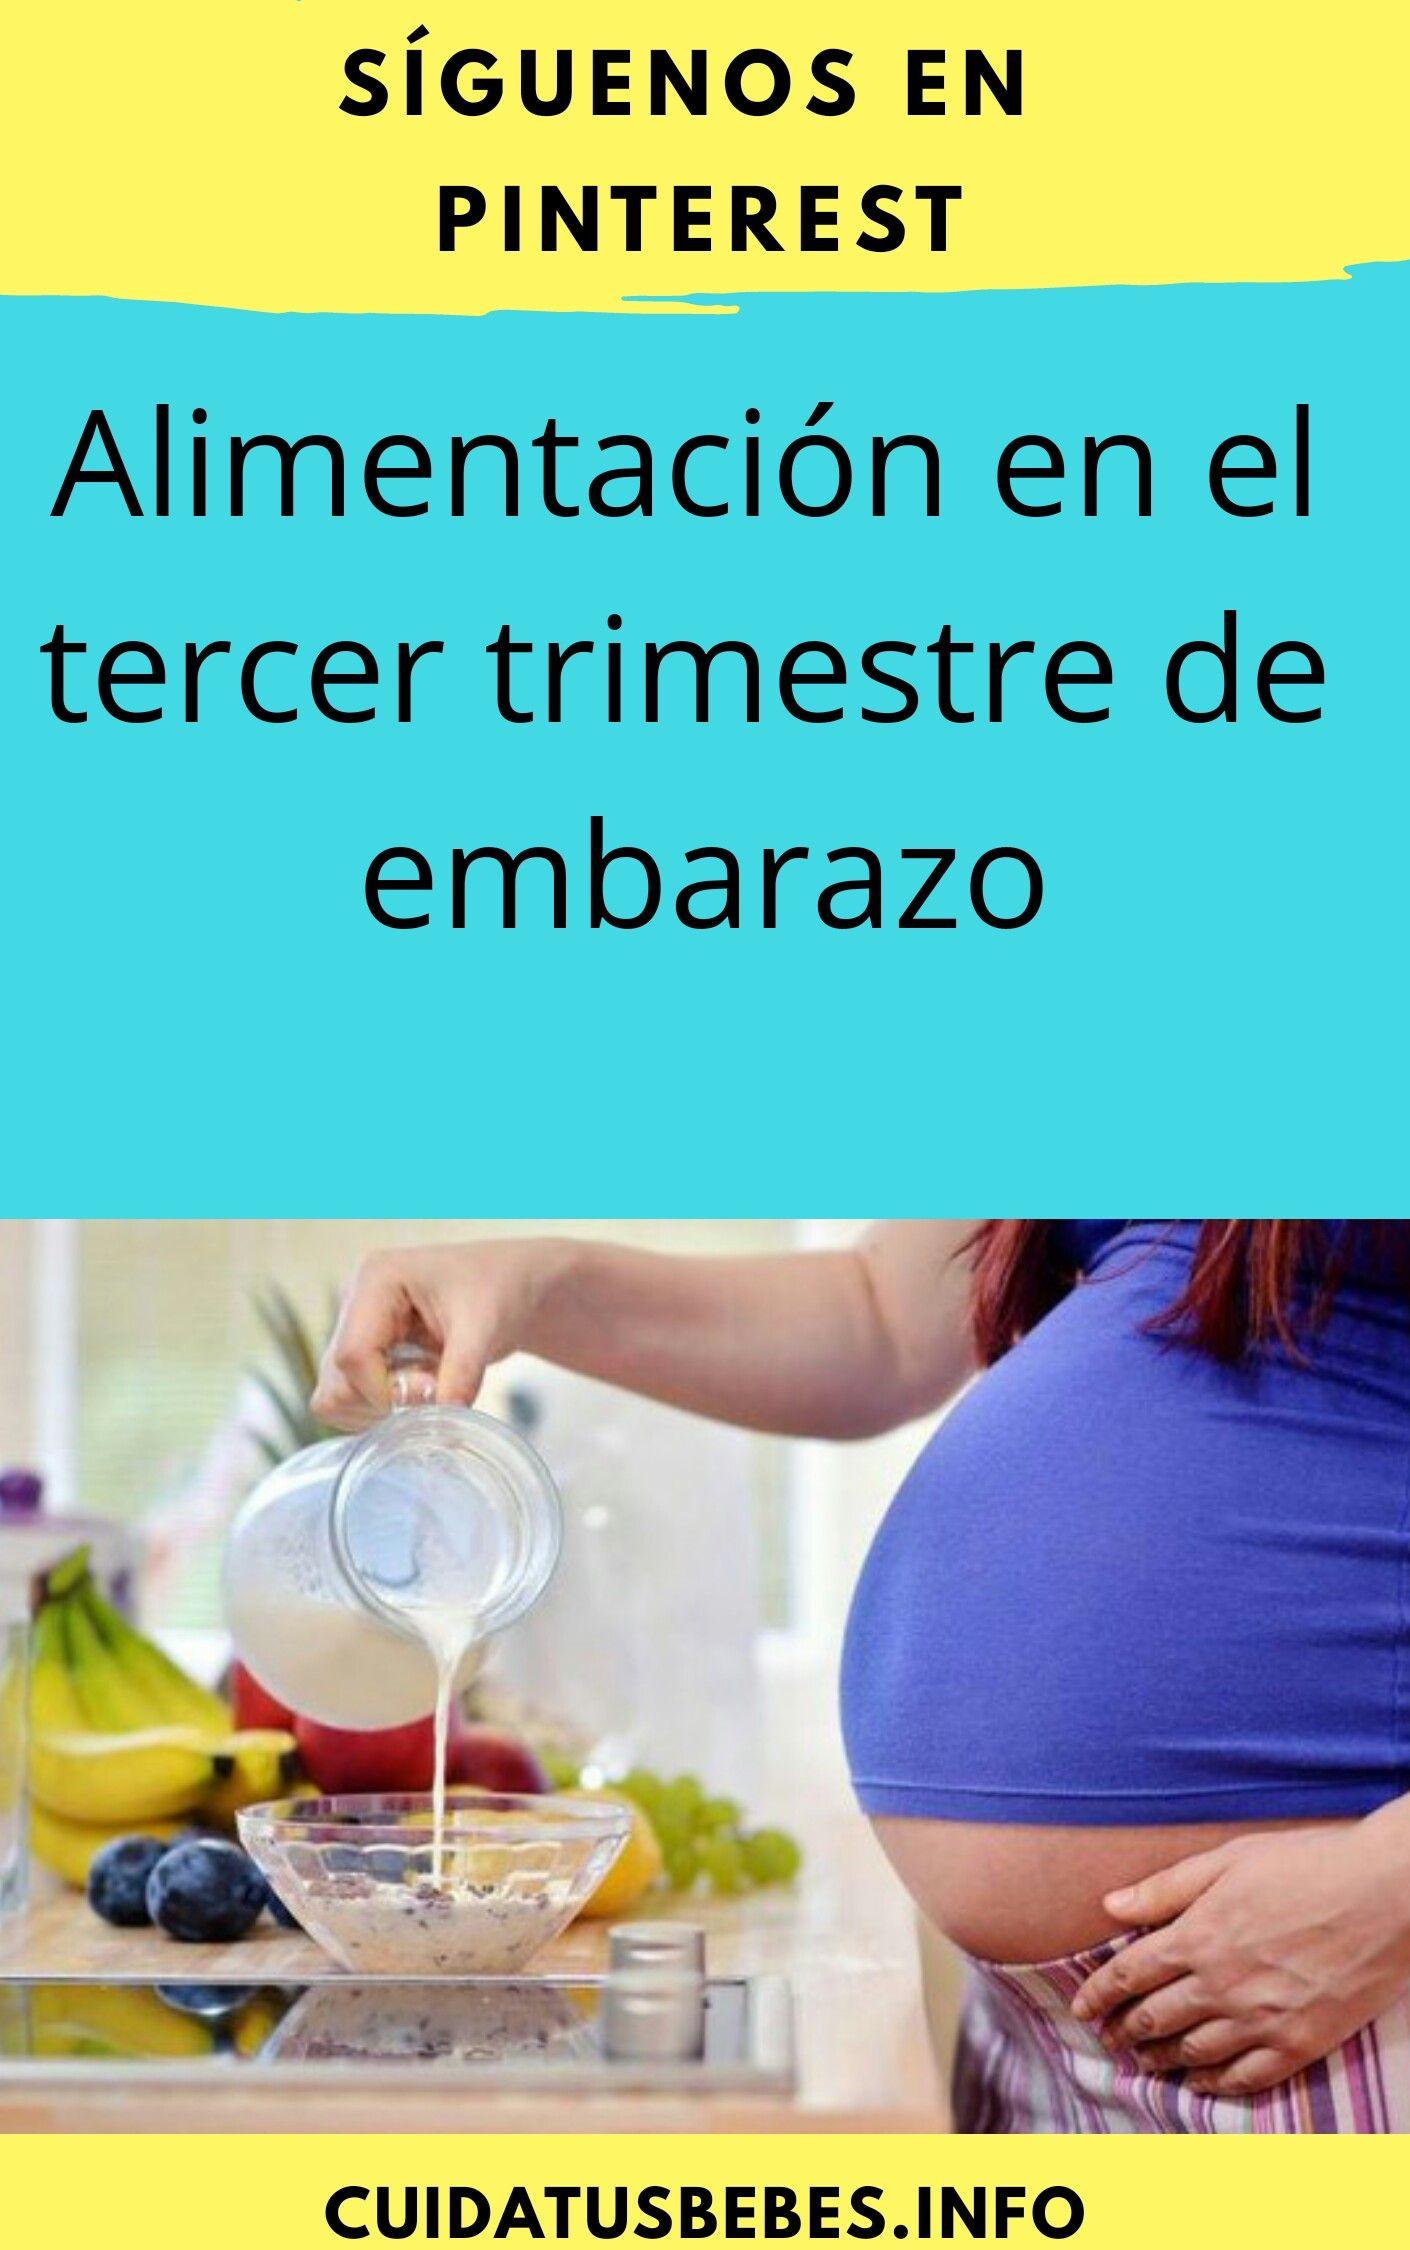 Dieta tercer trimestre de embarazo